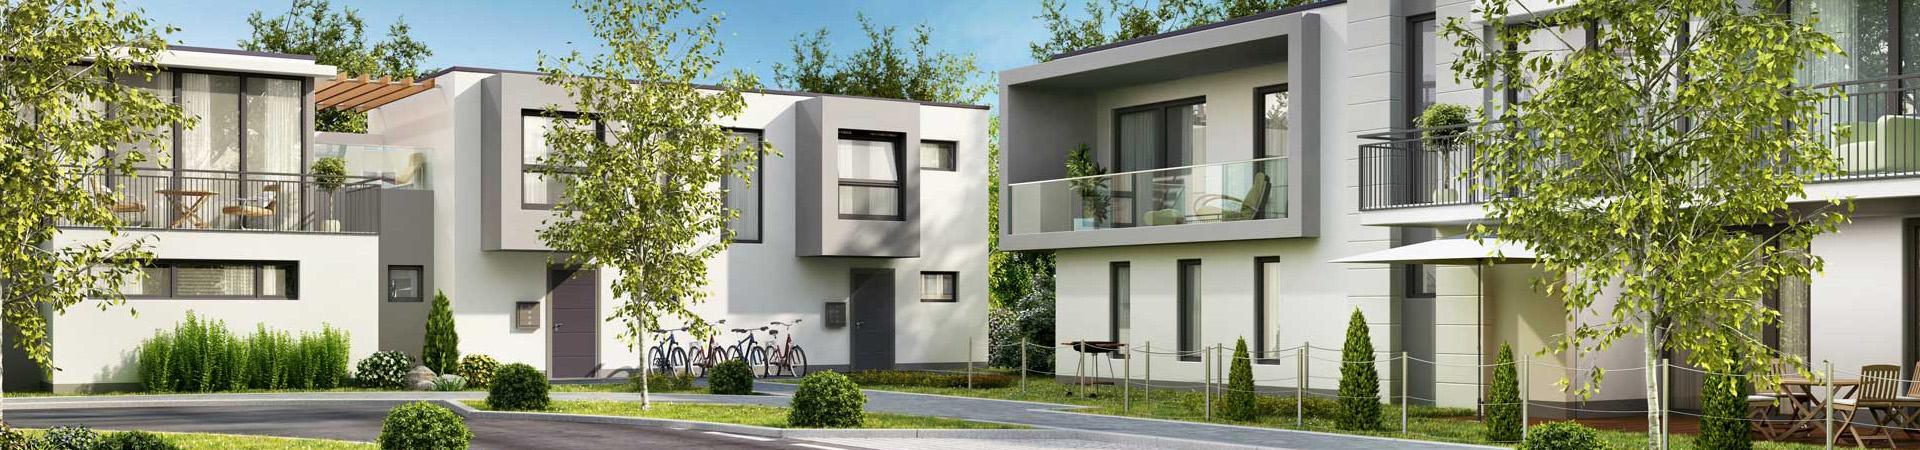 Fertighaus vs. Massivhaus - fertighäuser.de | Das Fertighaus